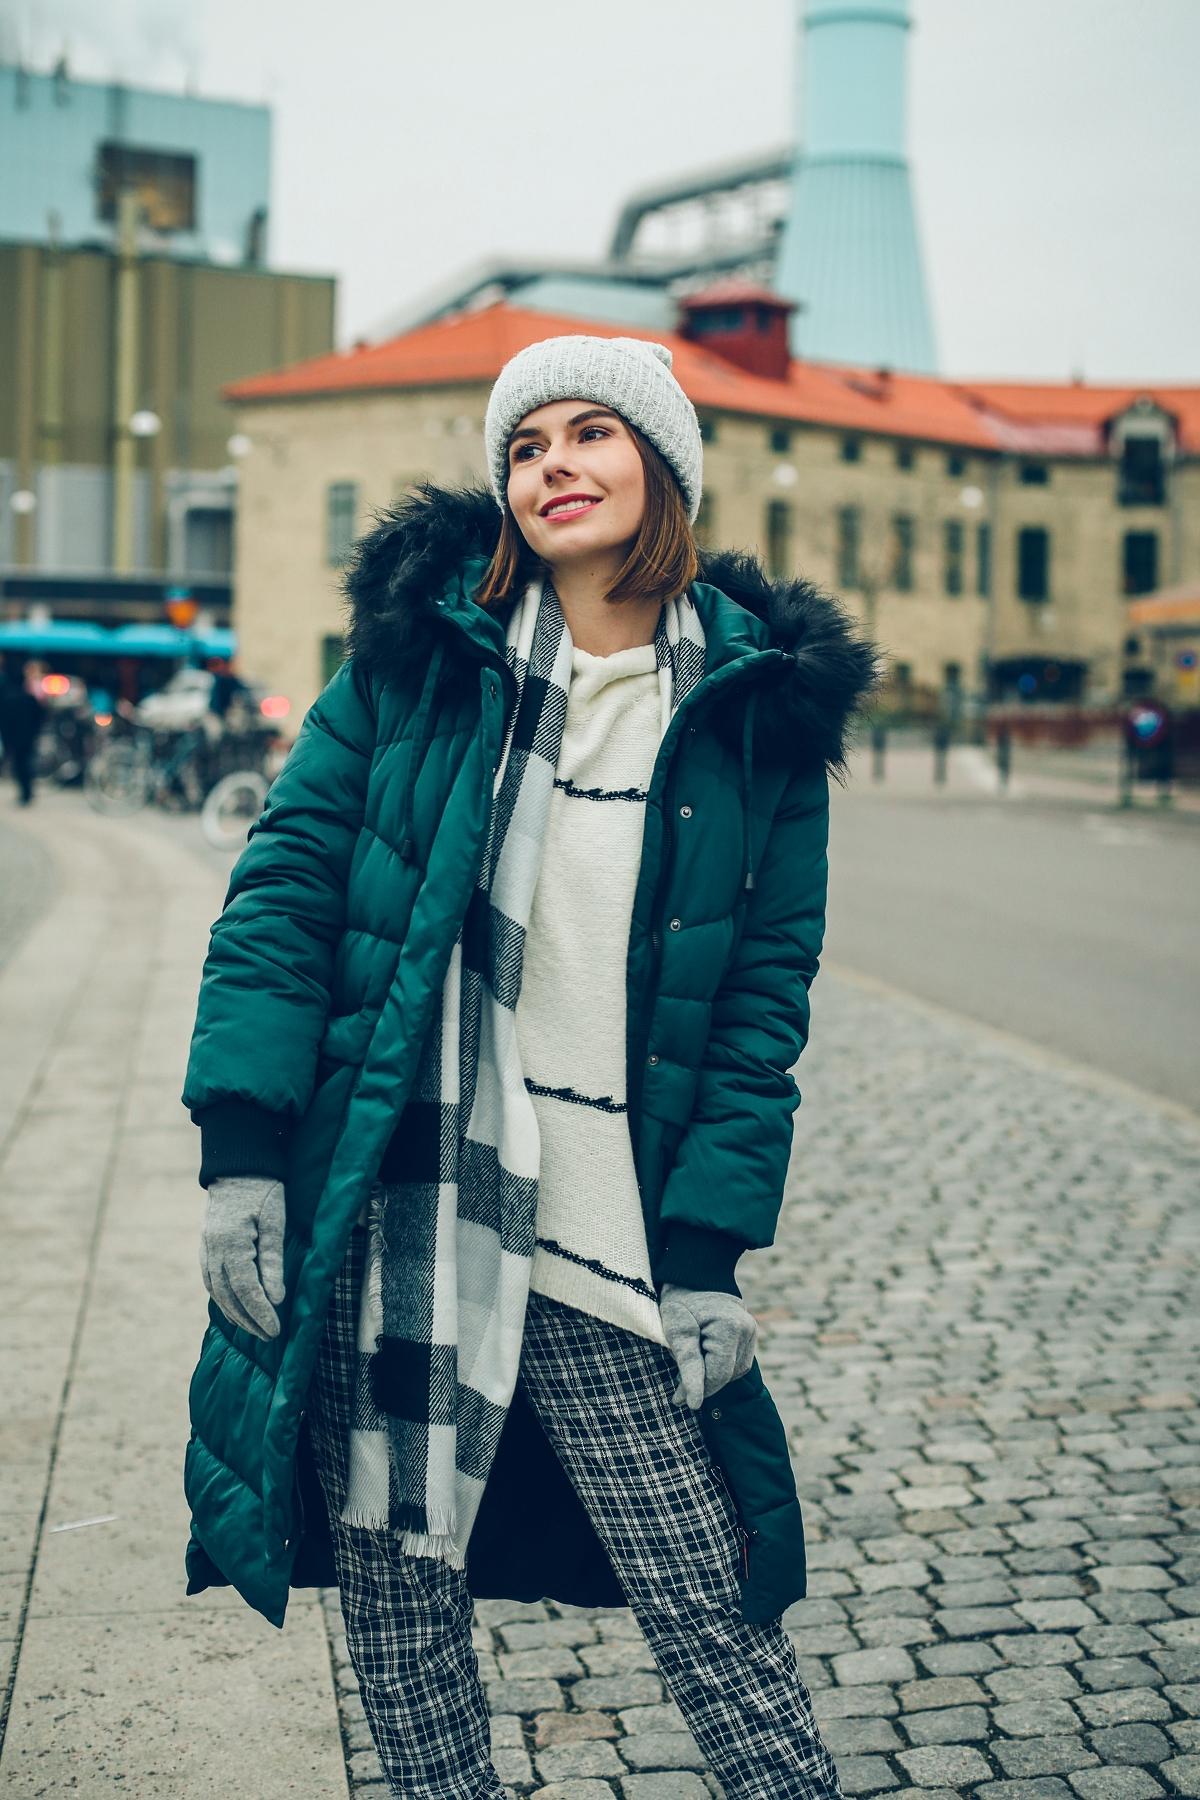 zimowa stylizacja pikowany płaszcz sweter czapka krata moodo